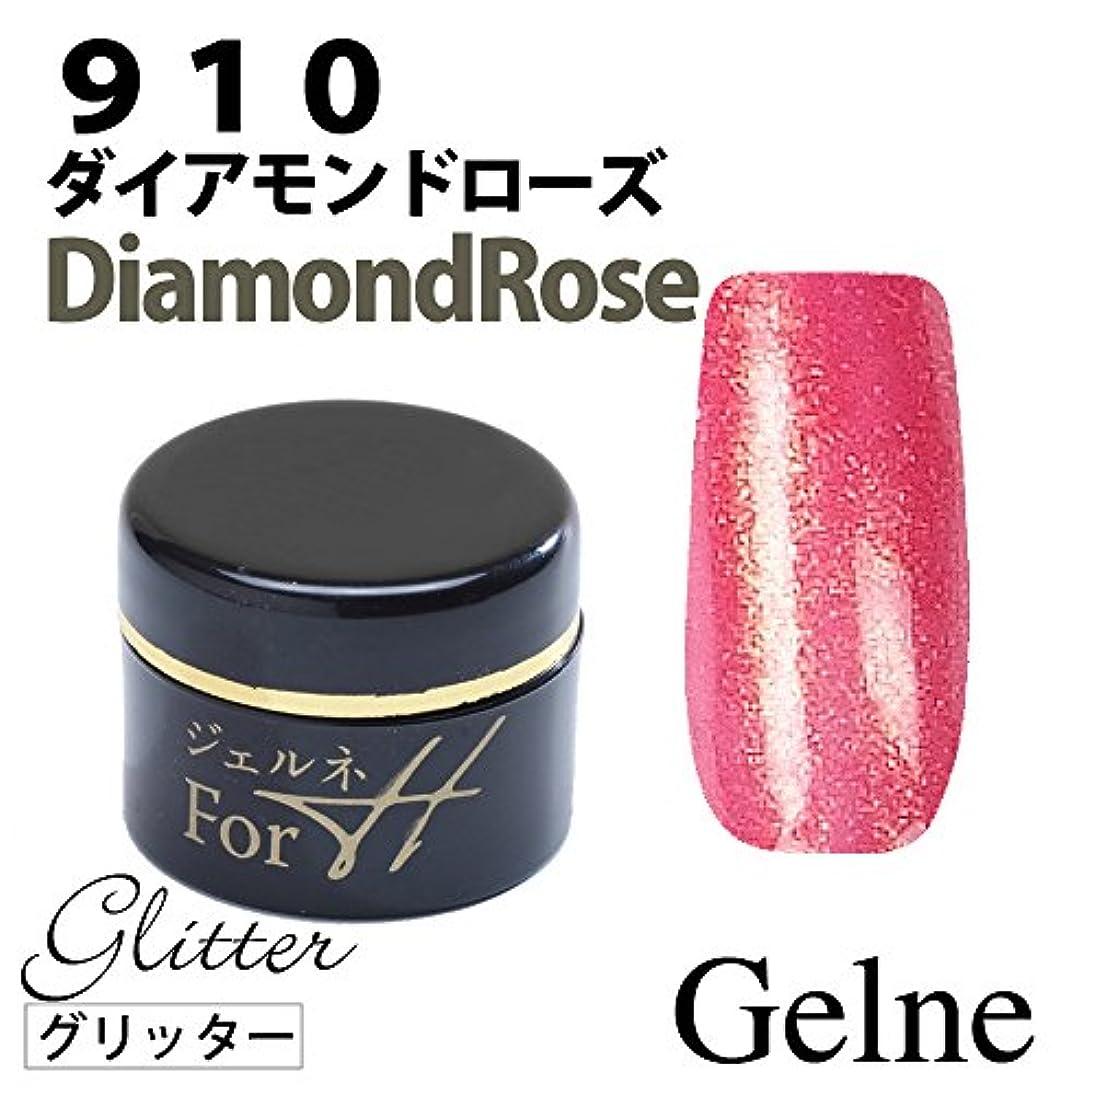 弁護士懇願する熟達したGelneオリジナル ダイヤモンドローズ カラージェル 5g LED/UV対応 ソークオフジェル